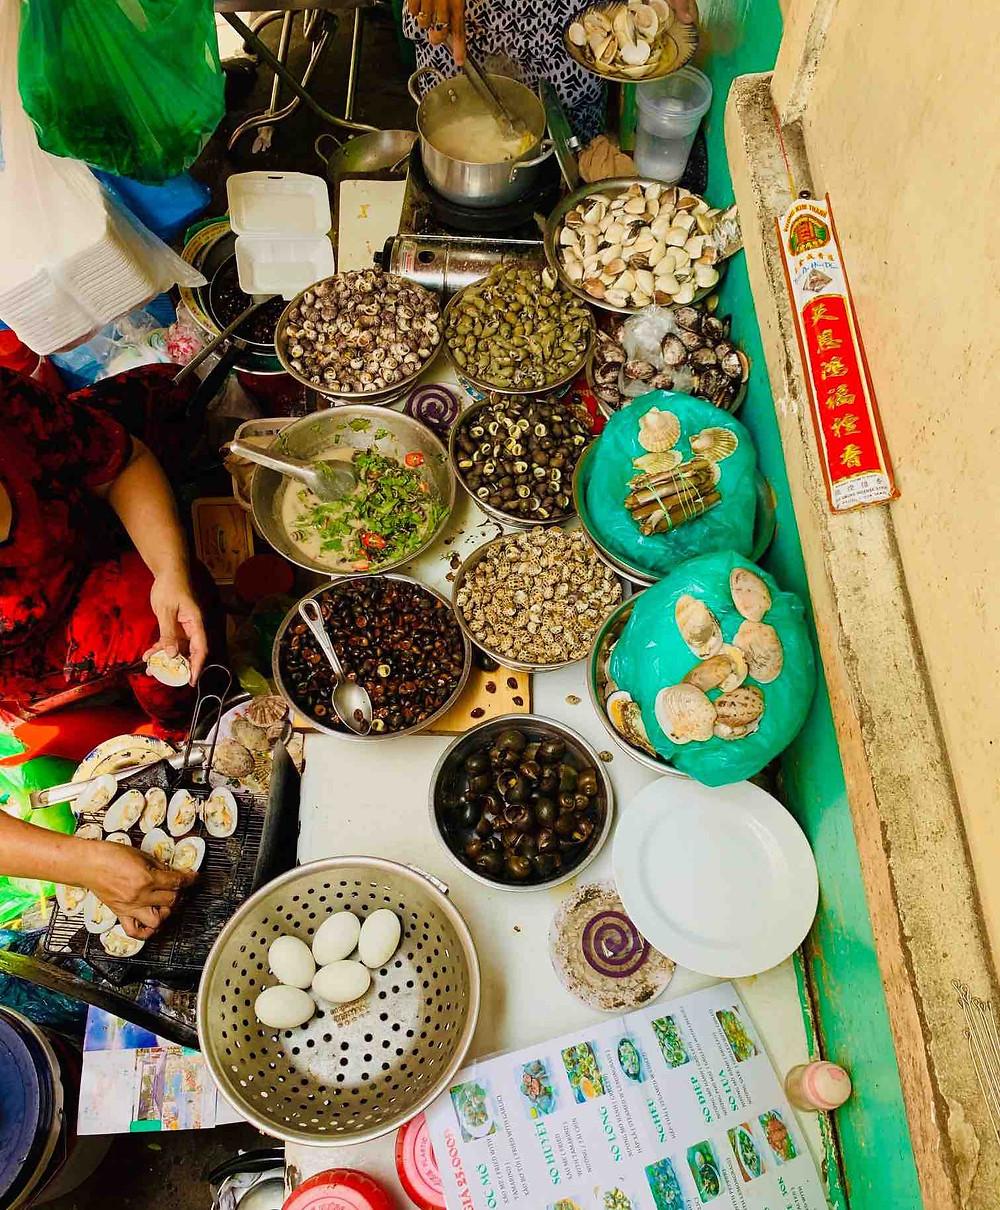 越南小吃, 世界小吃, netflix, 越南河粉, 越南旅遊, 客製化旅遊, 訂製遊